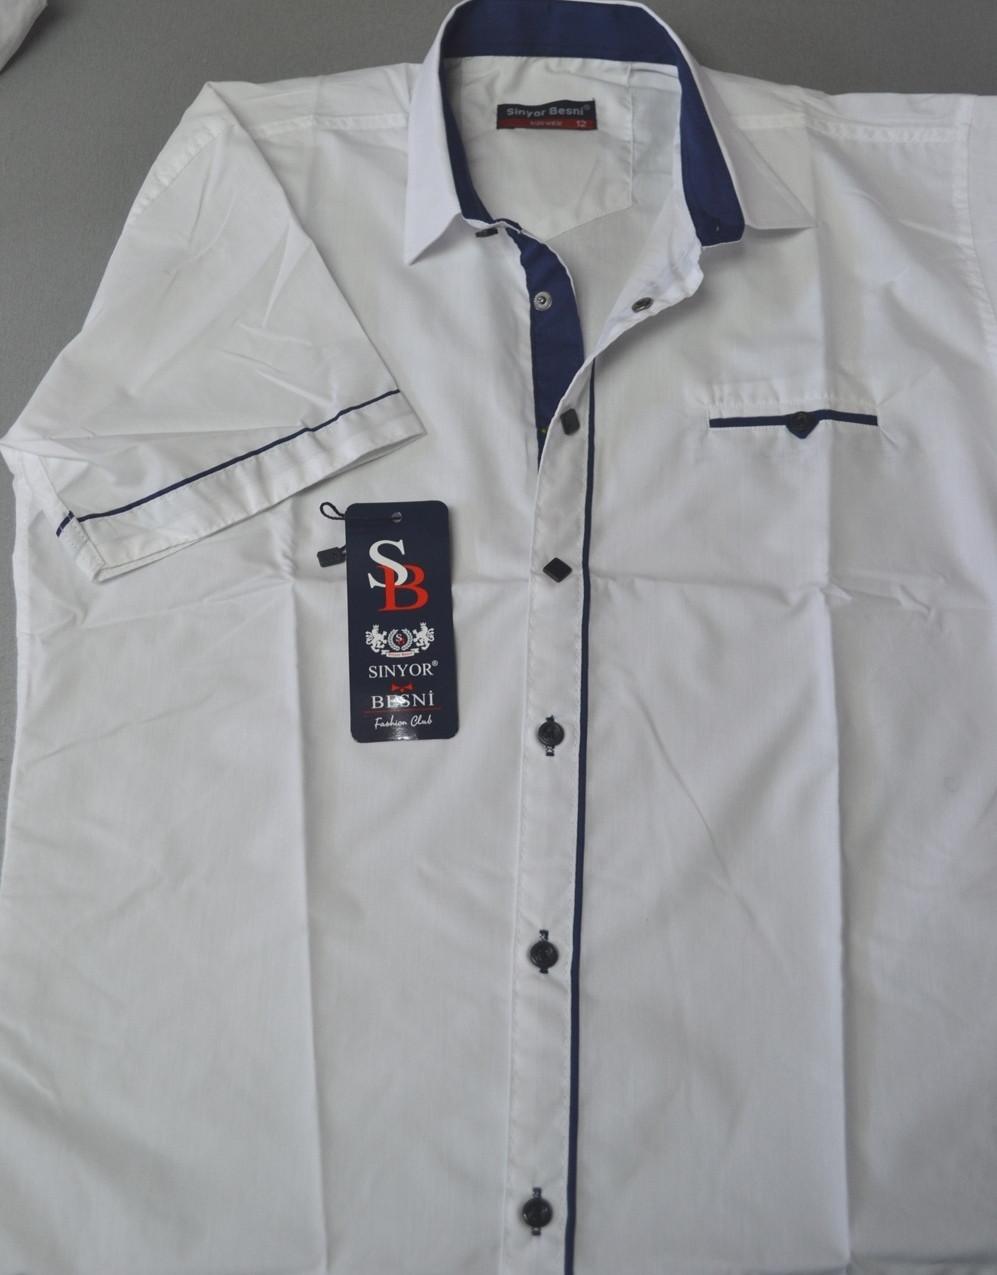 Белая детская рубашка с коротким рукавом SENIOR BENSI